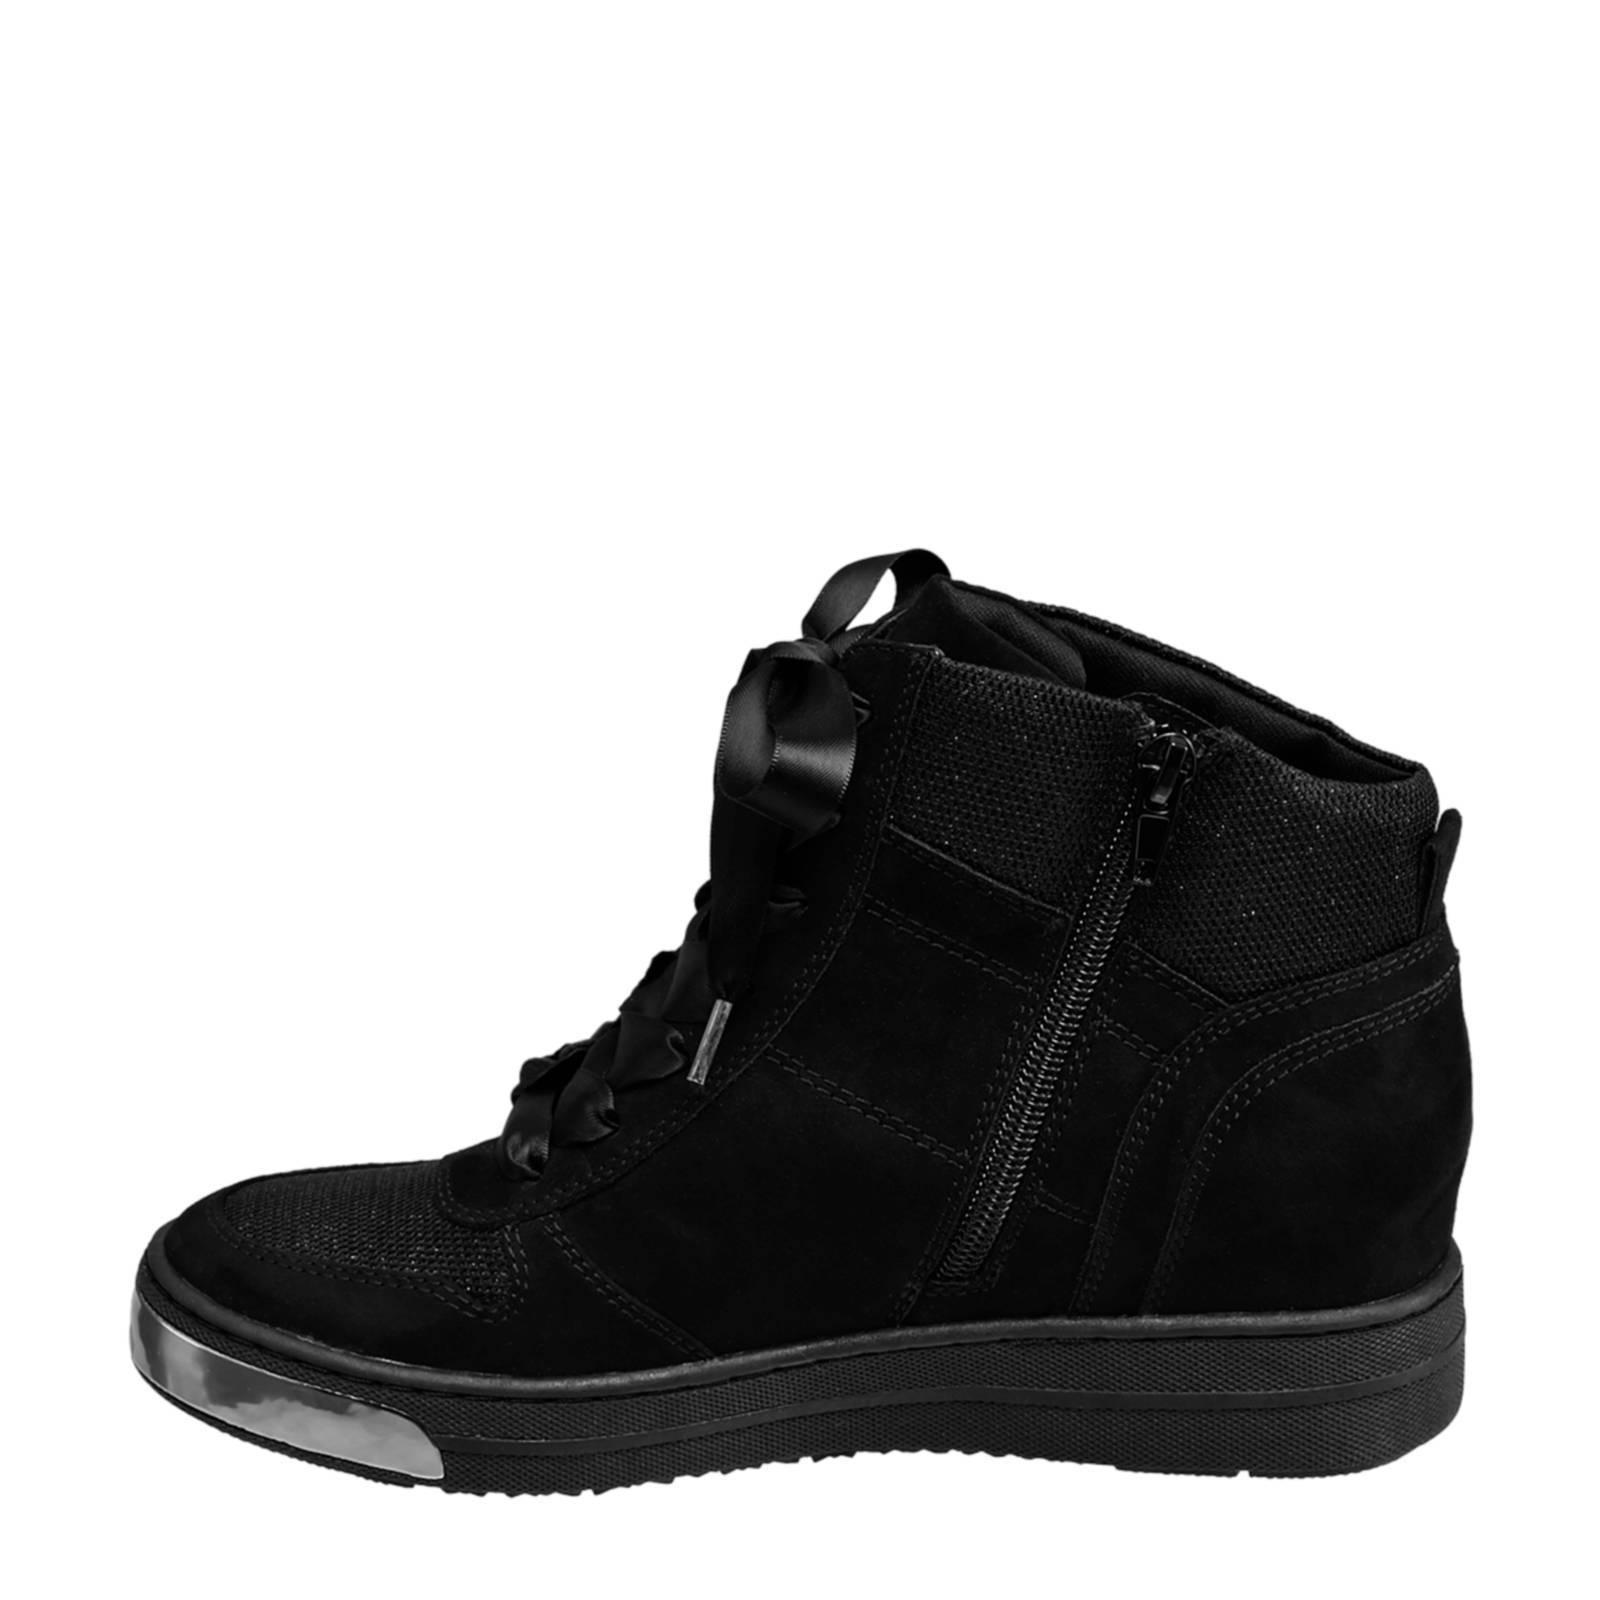 cc570a669c5 Inwendige Sneakers Sleehak Met Venice Wehkamp Vanharen xpqnF